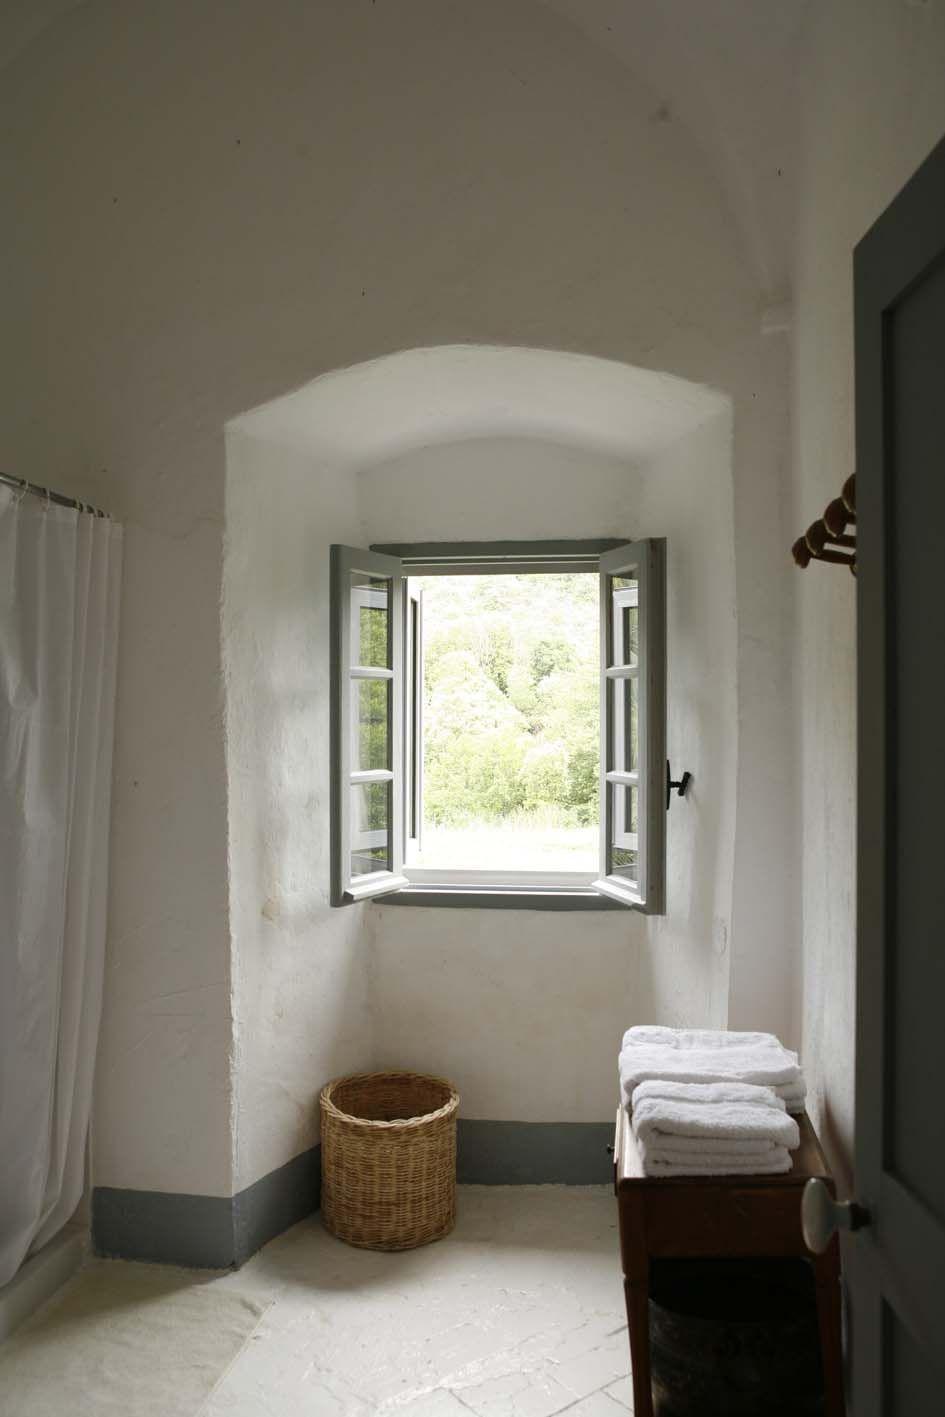 Arco Per Porta é bello per i volumi e le linee. la finestra iscritta nell